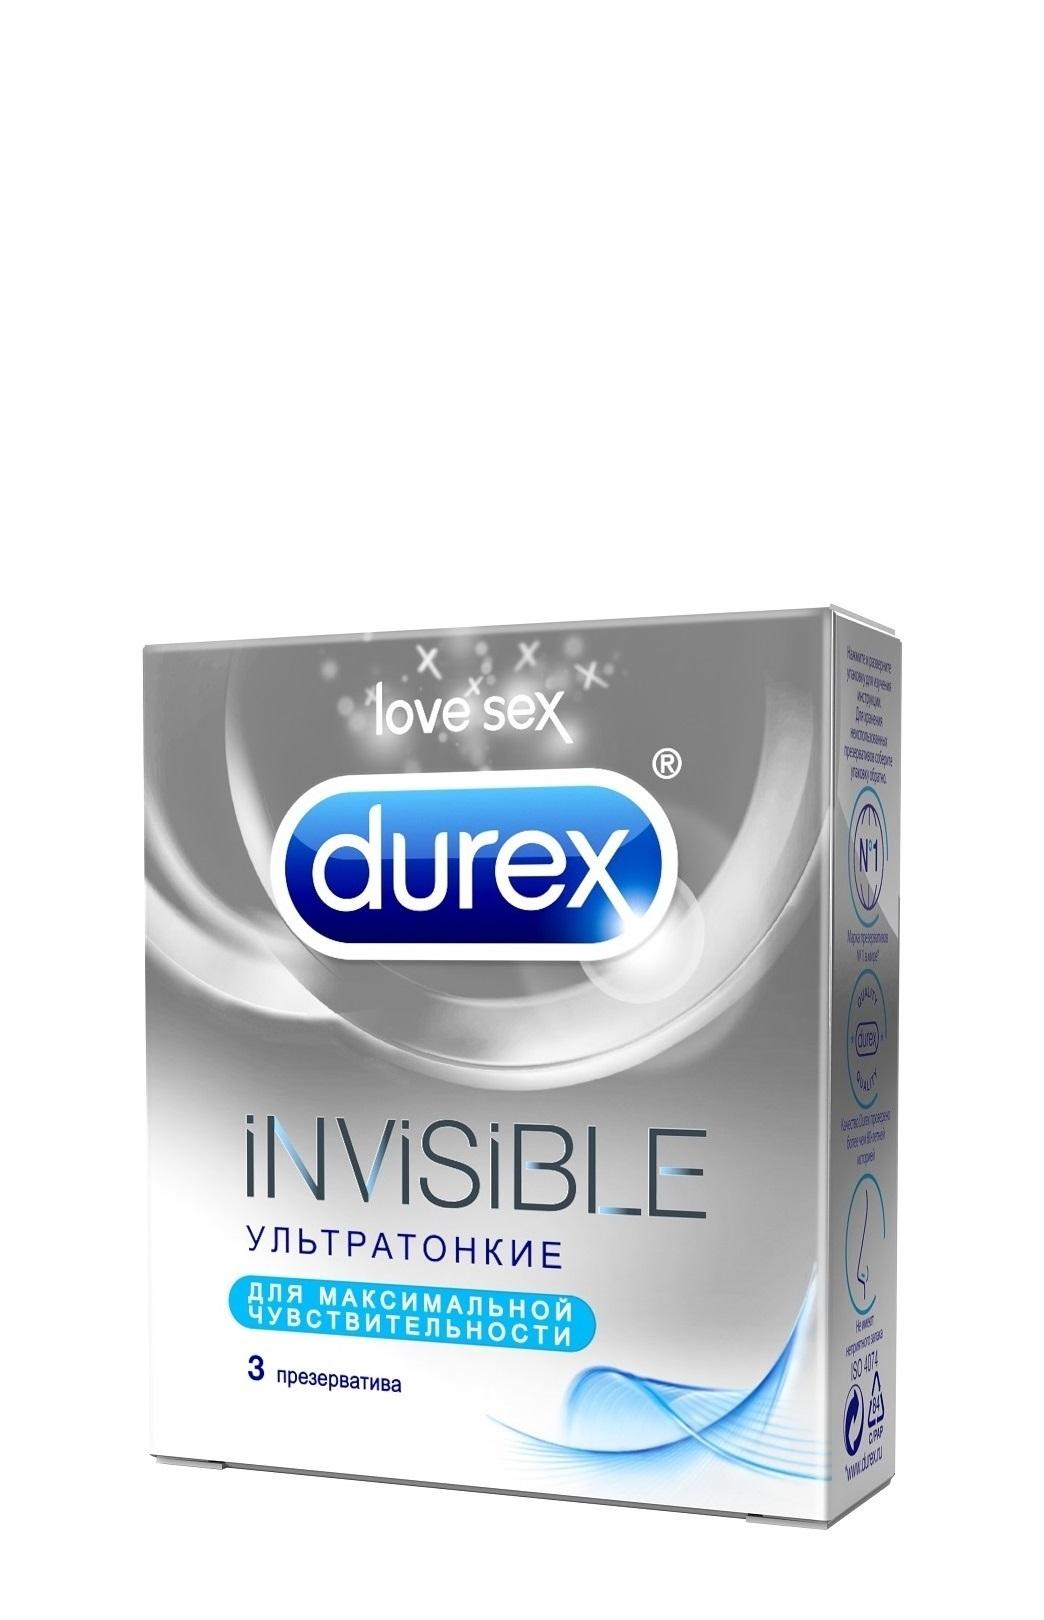 Durex Invisible Презервативы ультратонкие для максимальной чувствительности, 3 шт я цинь в интимном уходе за кожей мокрой ткани 22 нетканого материалом для ухода за ткань салфетка средства алоэ пакета 10